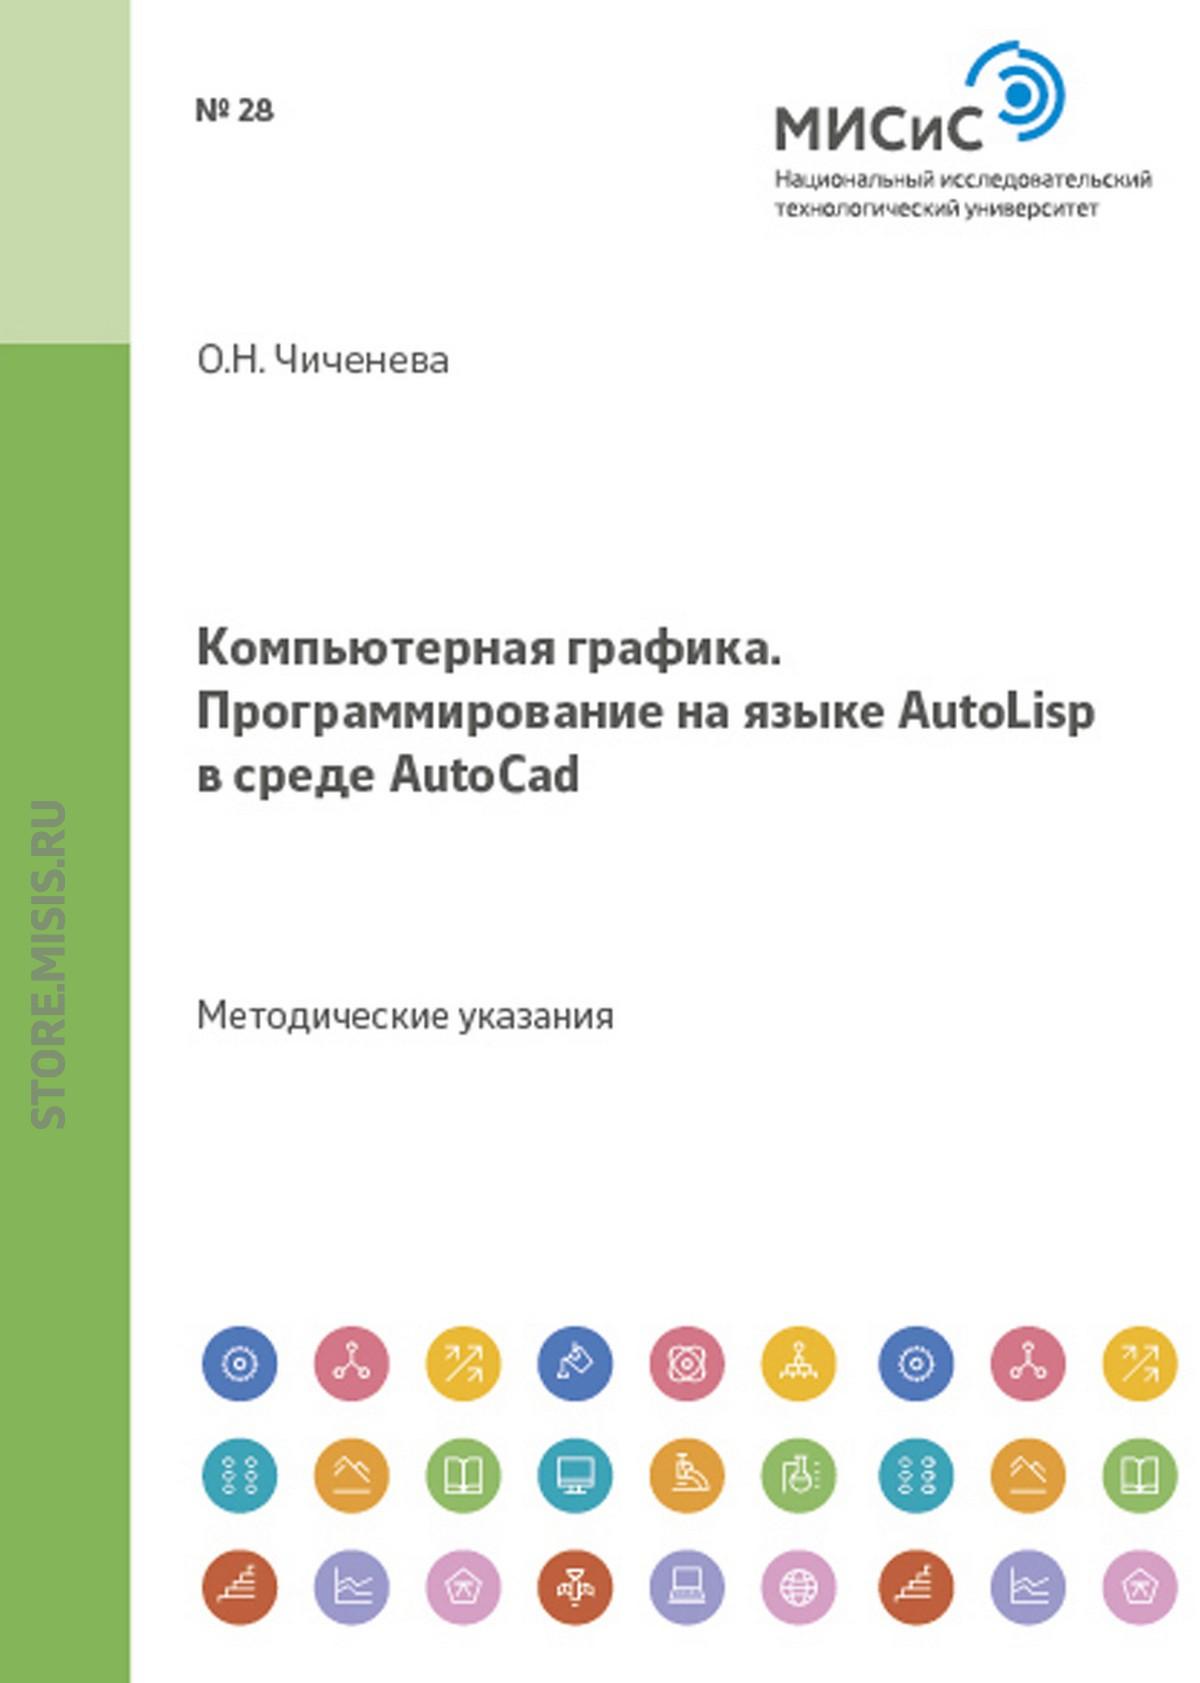 Ольга Чиченева Компьютерная графика. Программирование на языке Autolisp в среде AutoCAD